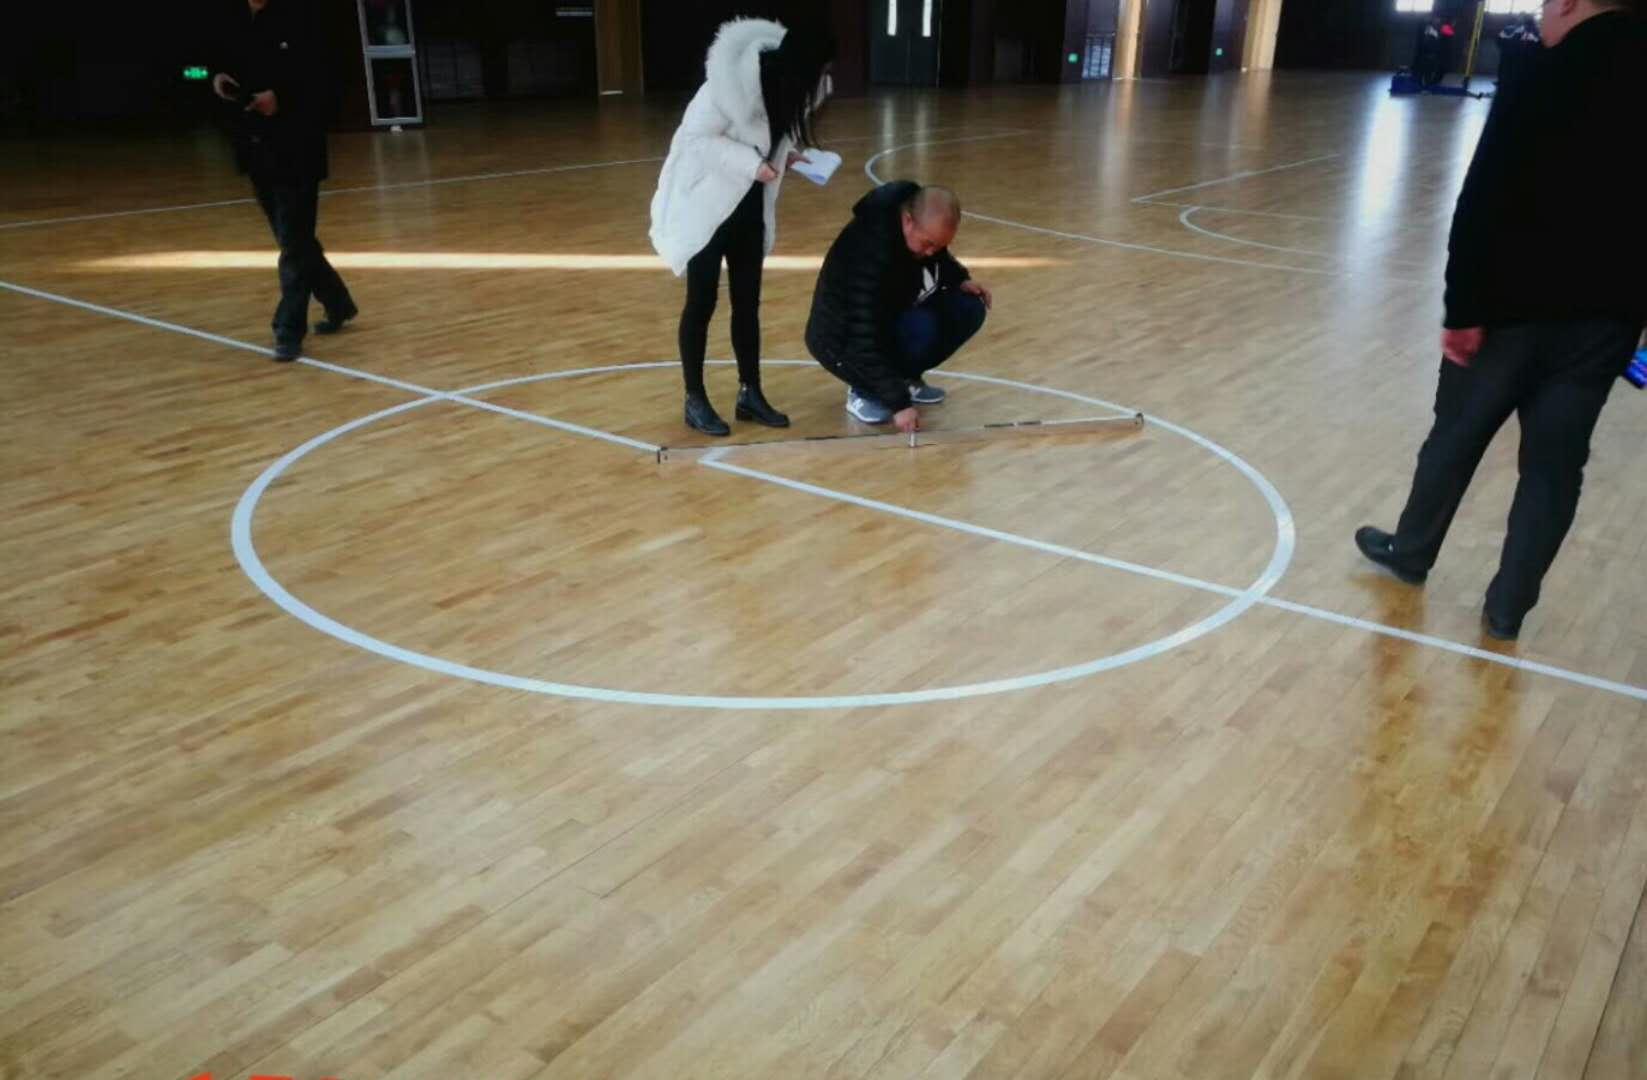 籃球館木地板一分價錢一分貨永遠是真理